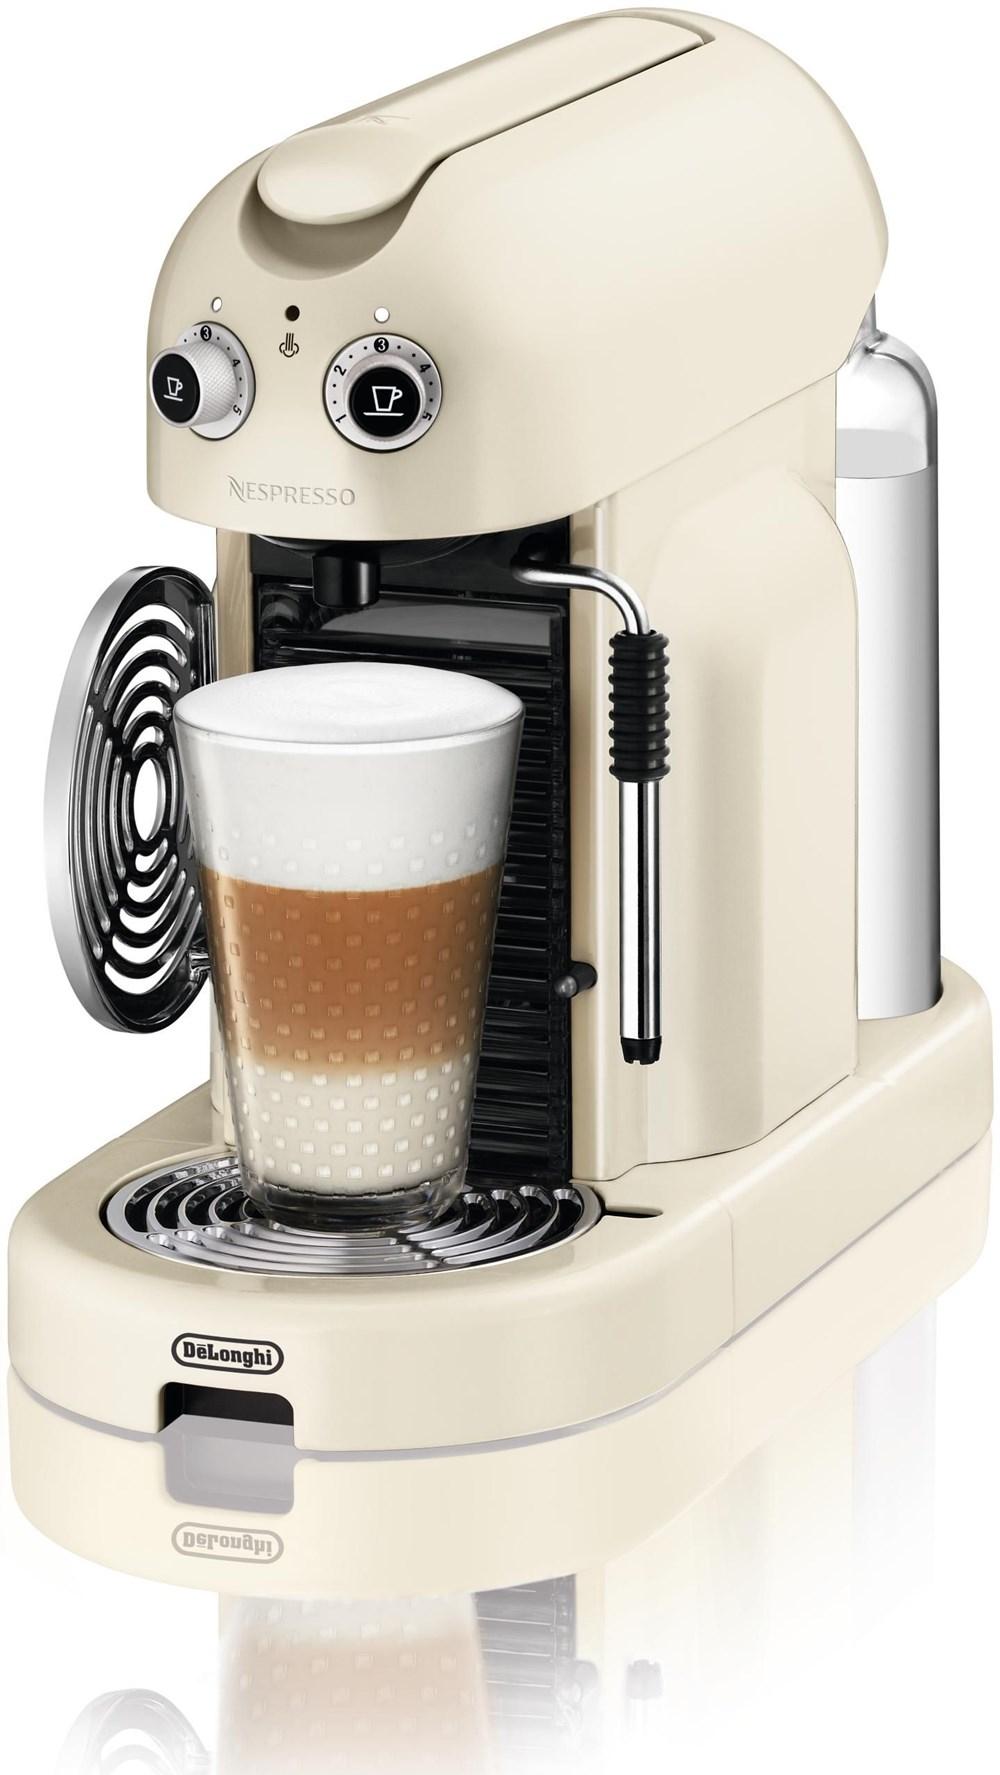 Delonghi Espresso Maker Coffee Pods : DeLonghi Maestria EN 450.CW Nespresso Crema - Coffee Pod / Capsule Machines - computeruniverse